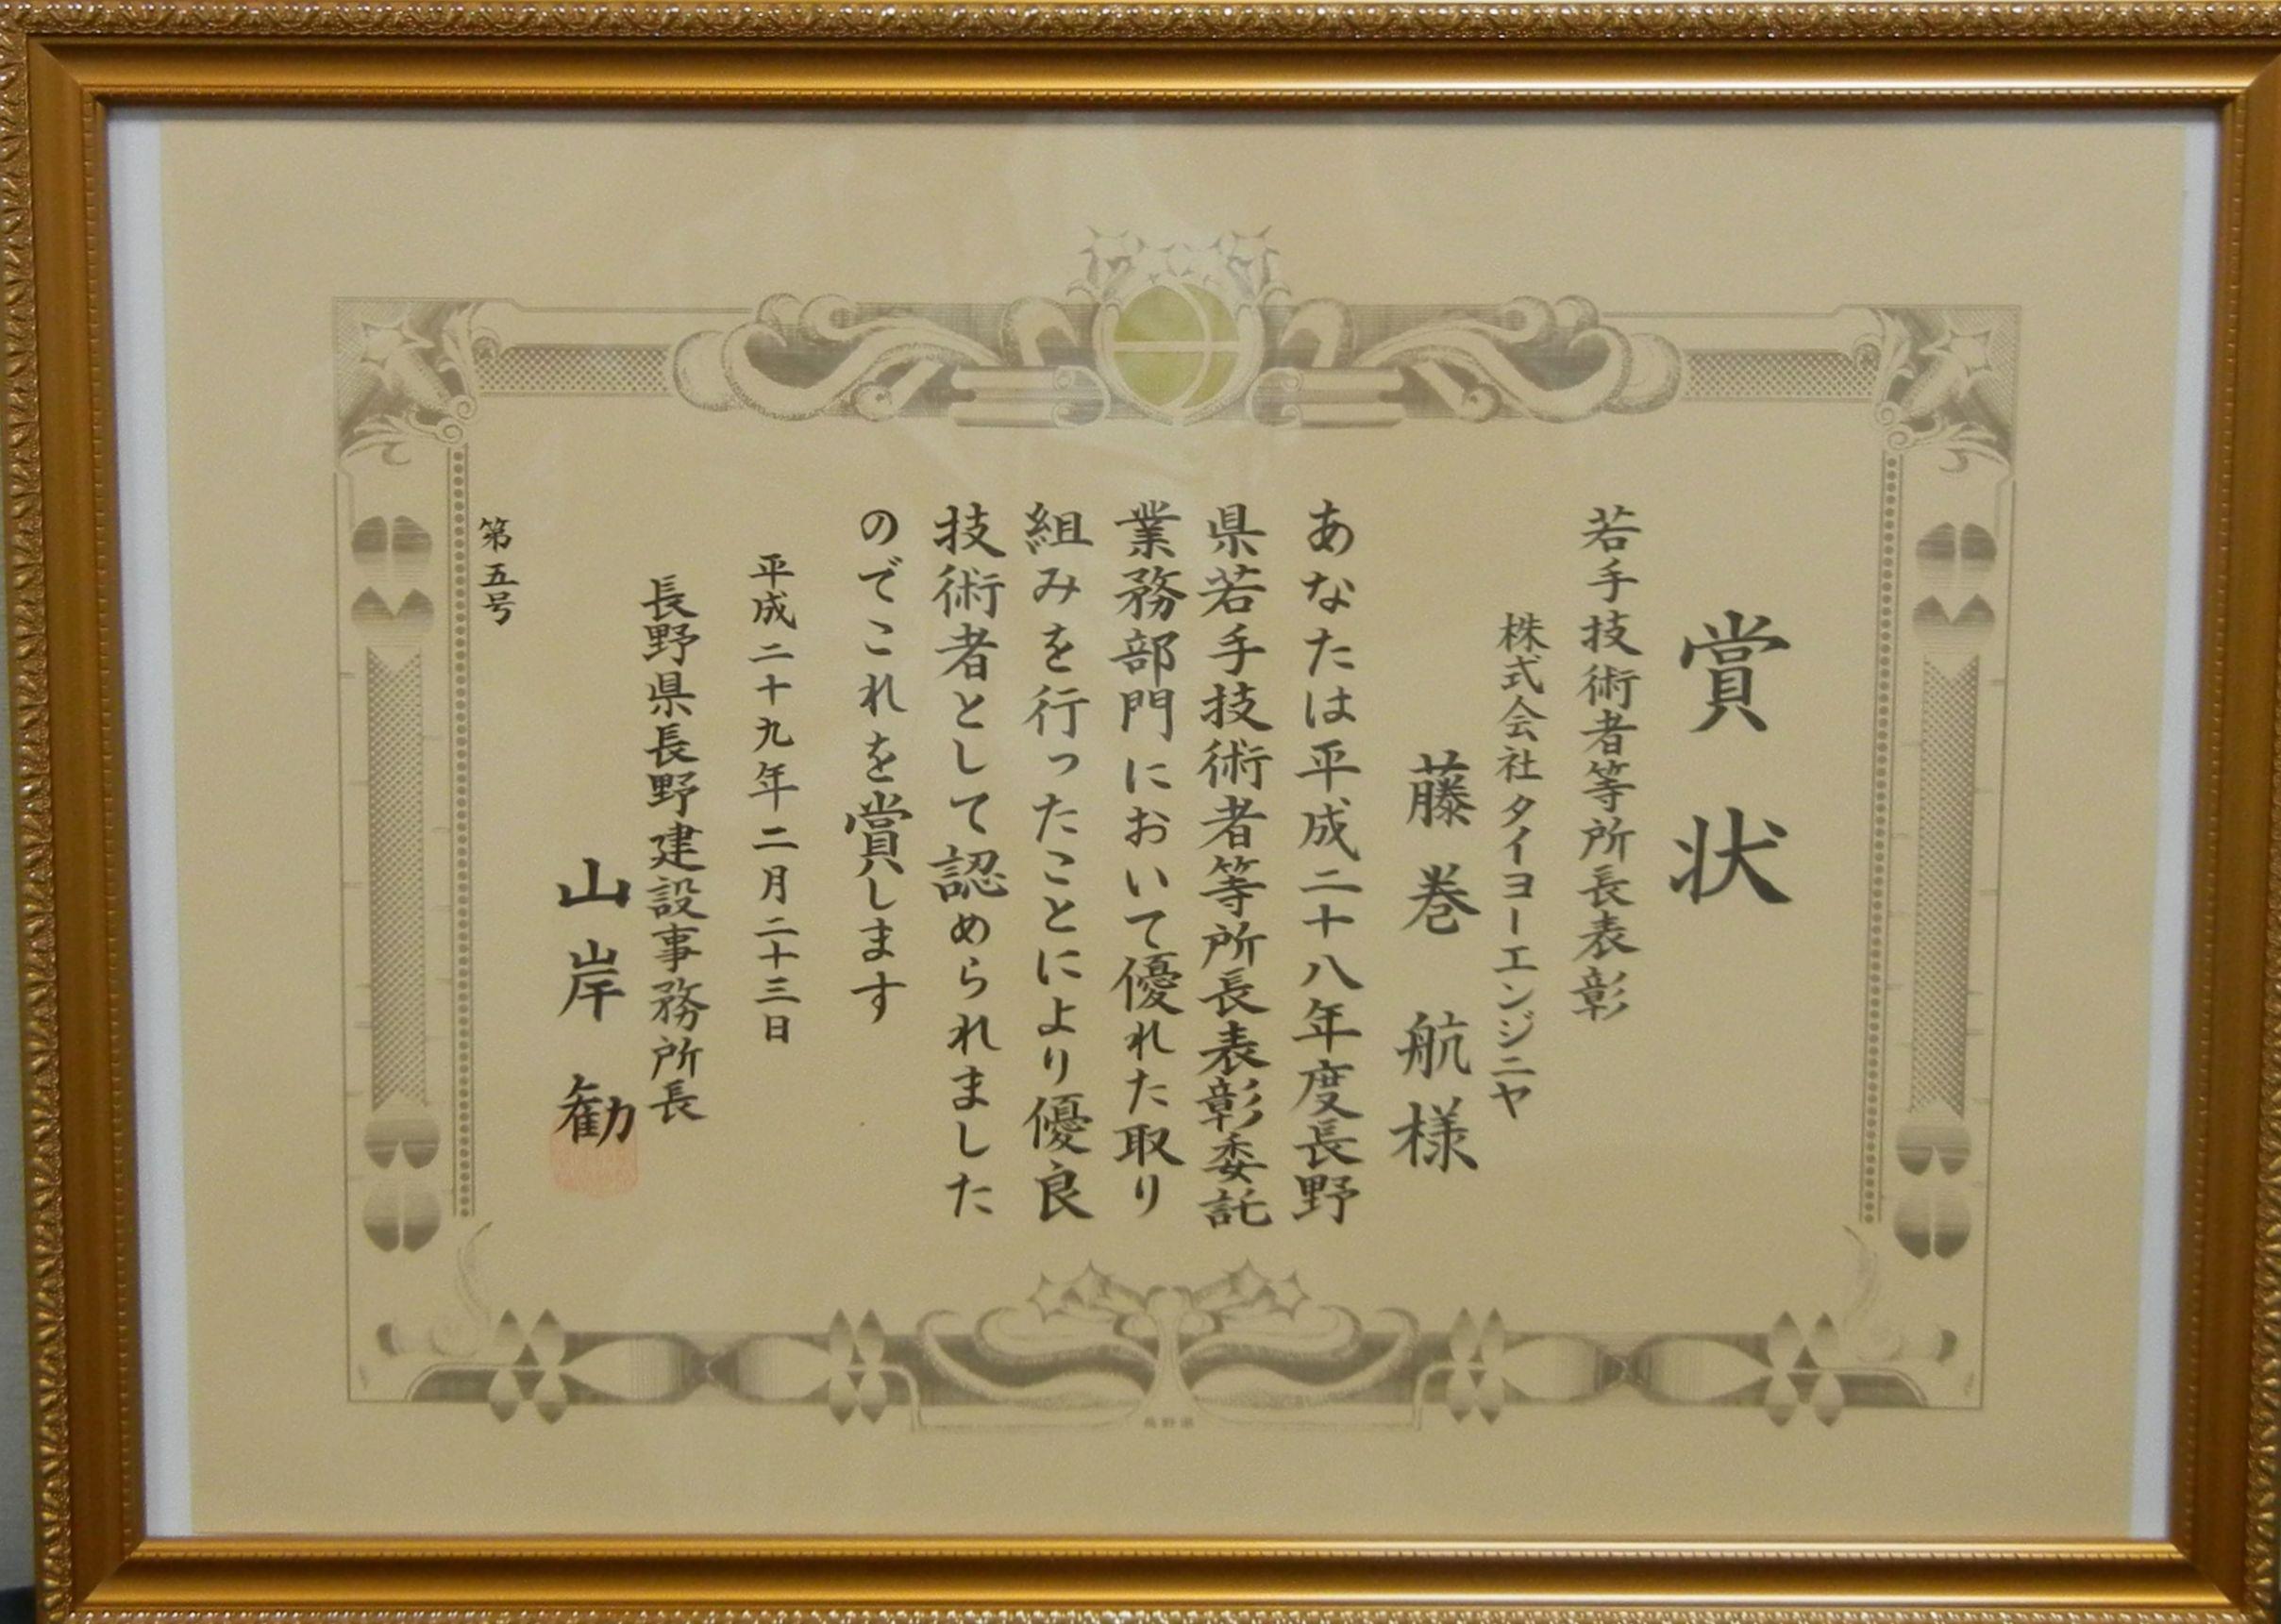 長野県長野建設事務所若手技術者等所長表彰